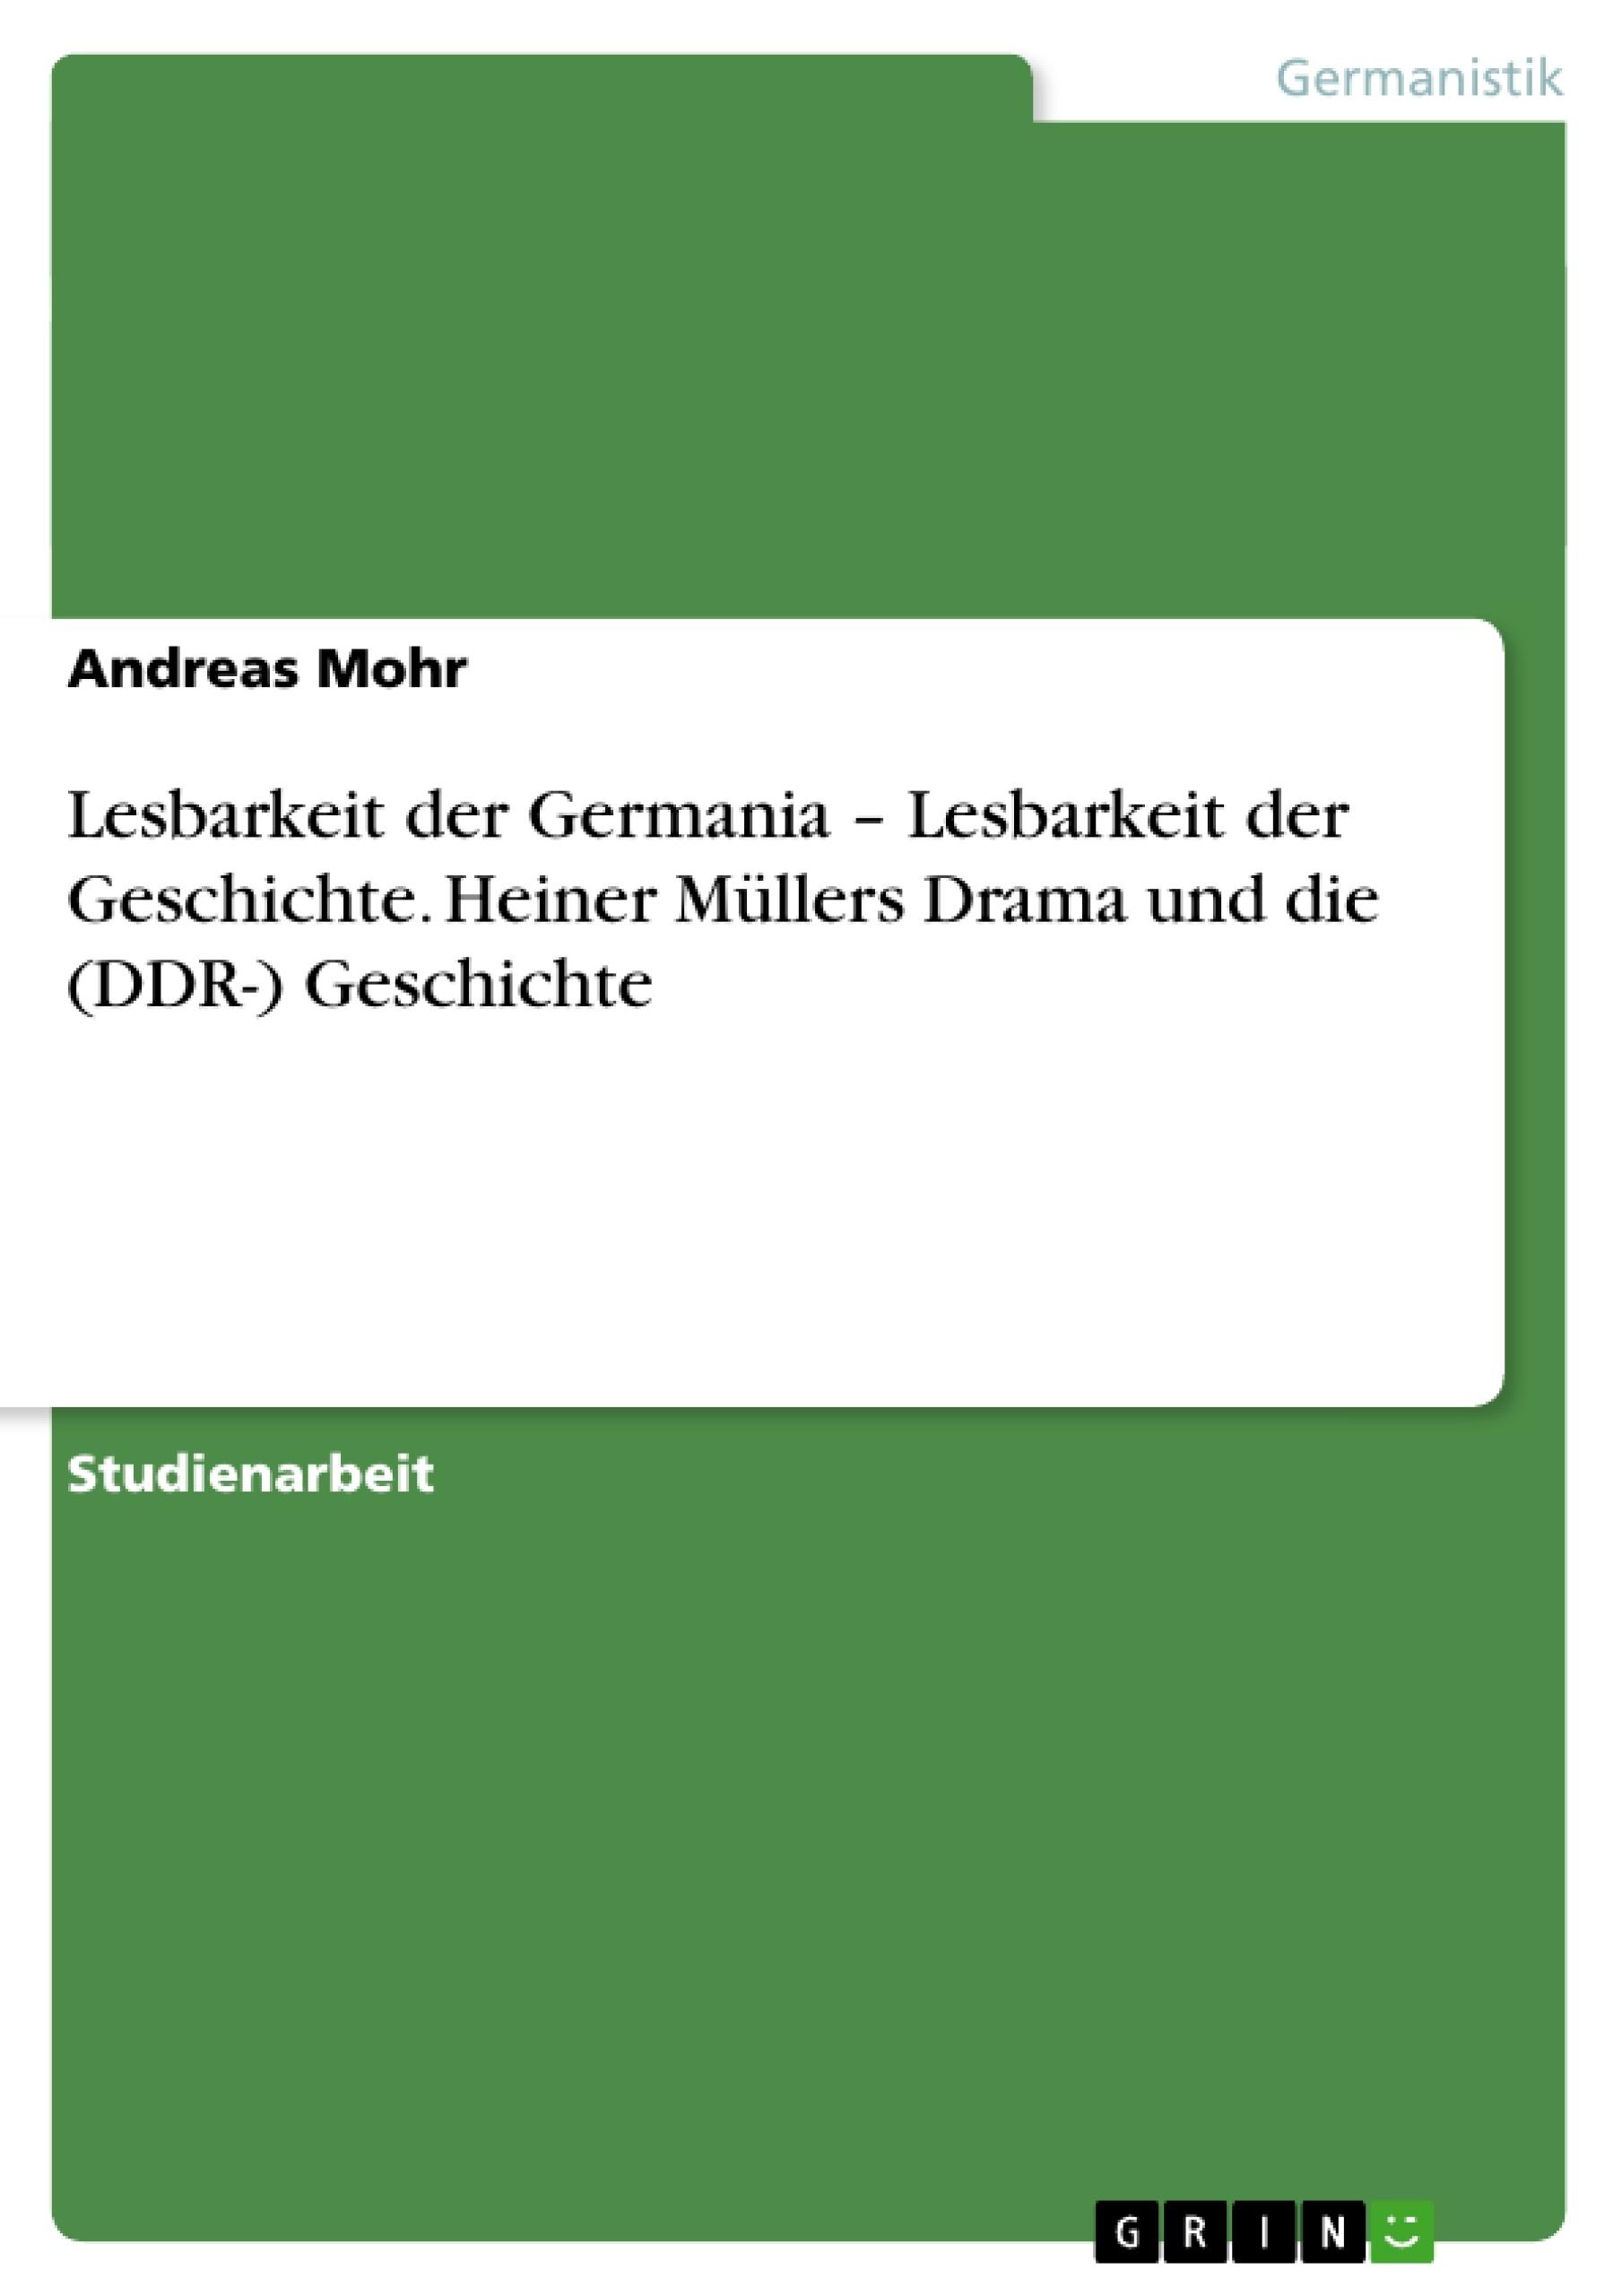 Titel: Lesbarkeit der Germania – Lesbarkeit der Geschichte. Heiner Müllers Drama und die (DDR-) Geschichte